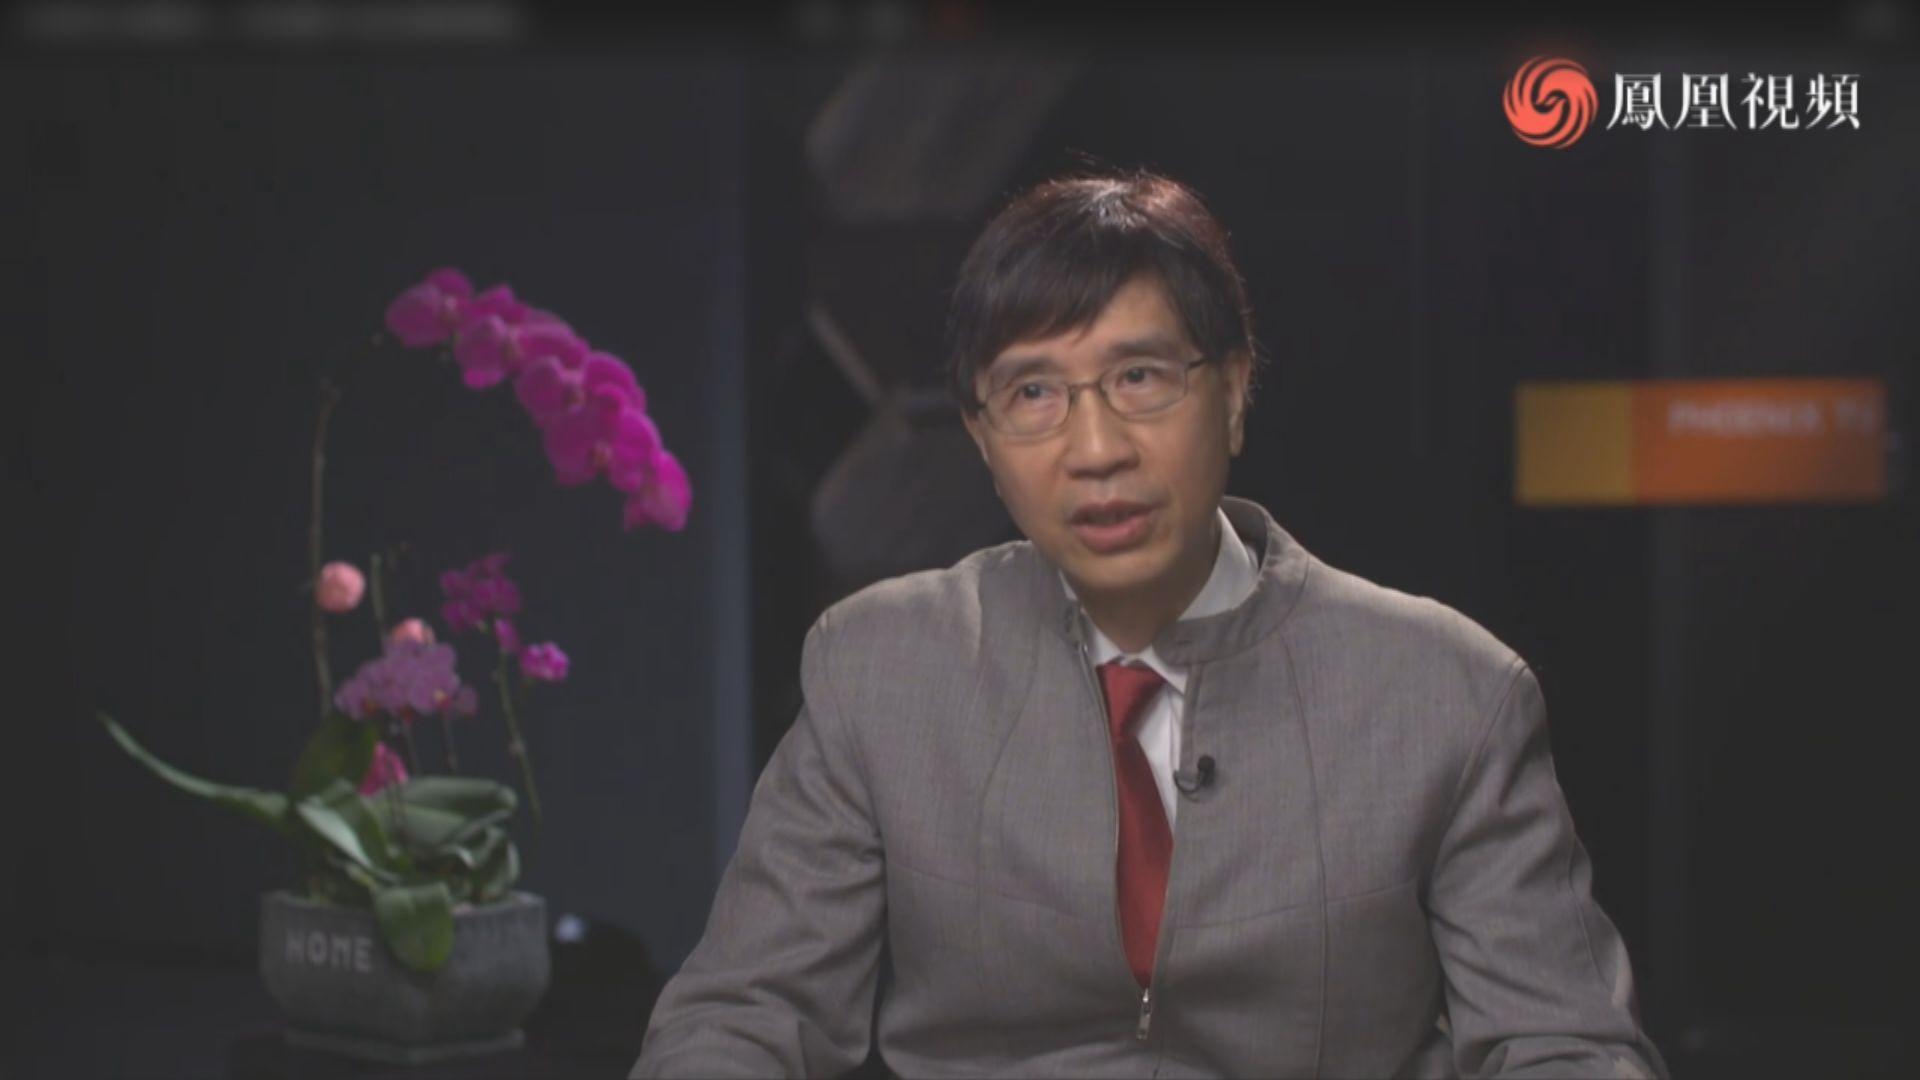 袁國勇:須做好社會感染控制 若社區大爆發將癱瘓醫療系統